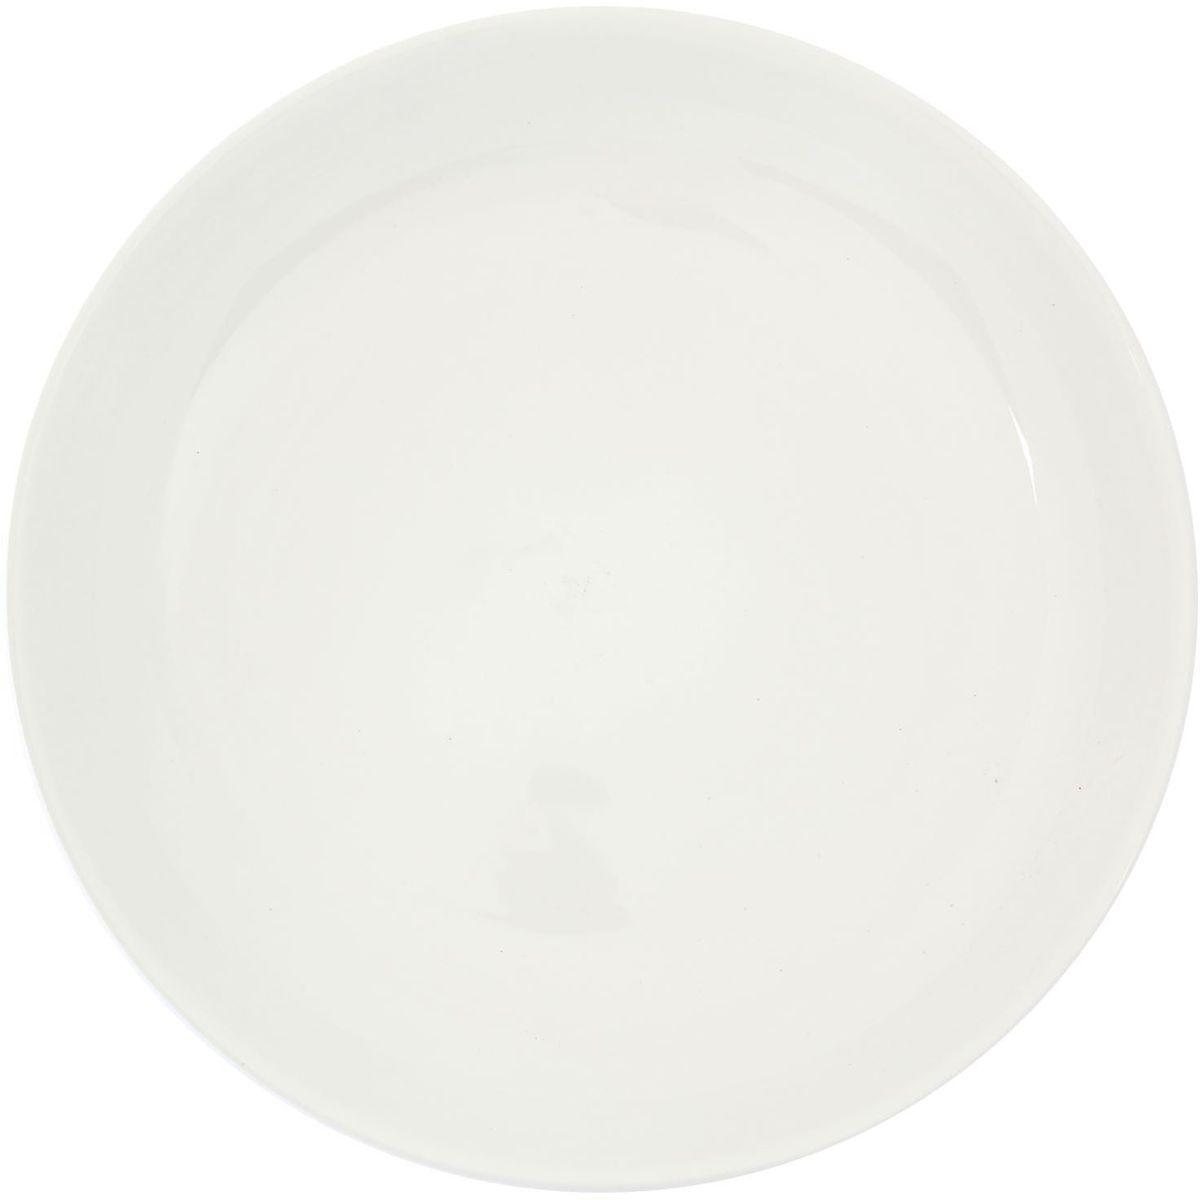 Ляган Turon Porcelain Классика, диаметр 25 см2367902Ляган — это не просто обеденный атрибут, это украшение стола. Посуда с национальной росписью станет отменным подарком для ценителей высокородной посуды.Риштан — город на востоке Узбекистана, один из древнейших в Ферганской долине. С давних времён Риштан славится своим гончарным искусством изготовления цветной керамики. Красноватую глину для изделия добывают в самом городе. Мастера утверждают, что их глина настолько высокого качества, что даже не нуждается в предварительной обработке. Дополните коллекцию кухонных аксессуаров пряными восточными нотами.